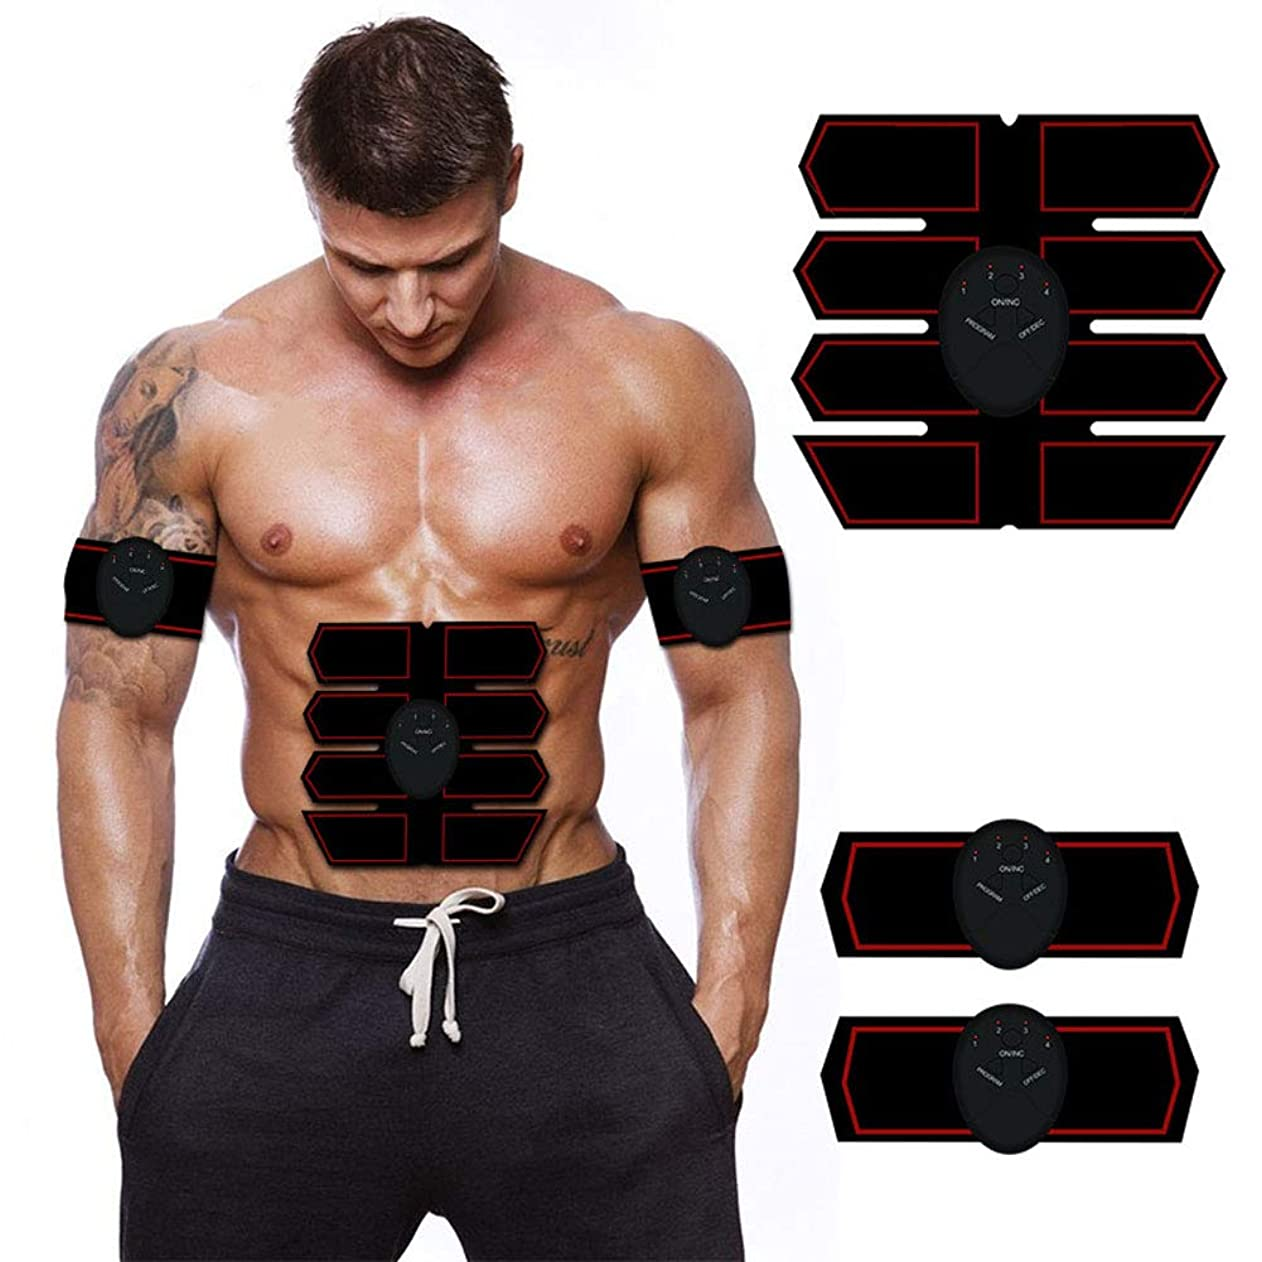 腹筋トレーナー筋肉刺激器, Ems 腹筋刺激剤筋肉トナー, ポータブルマッスルトレーナー, 腹部の調子のベルト, の 男性?女性